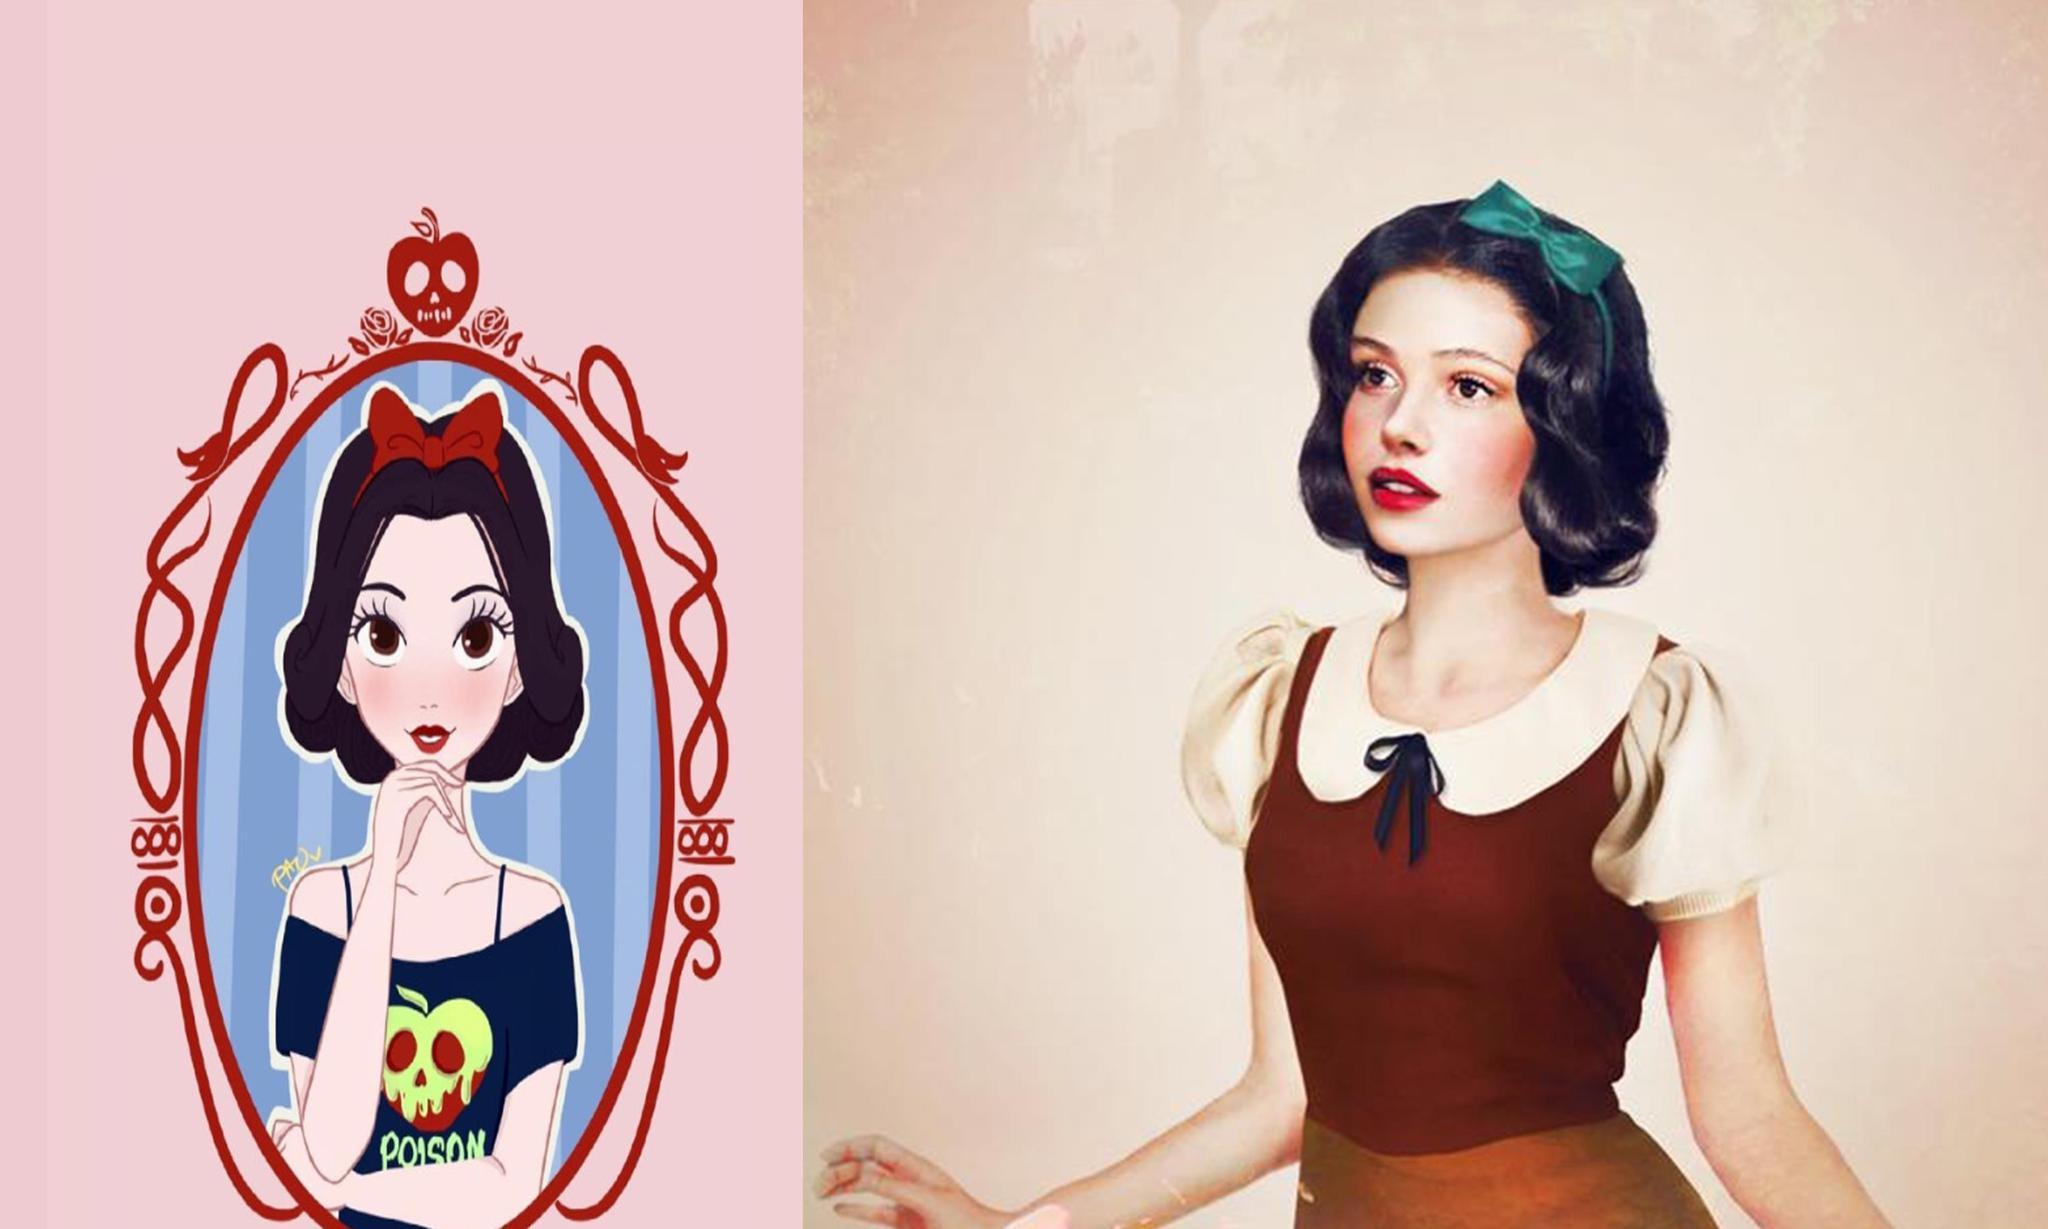 迪士尼公主真人画风,艾莎眼影很浓像反派,安娜公主范十足